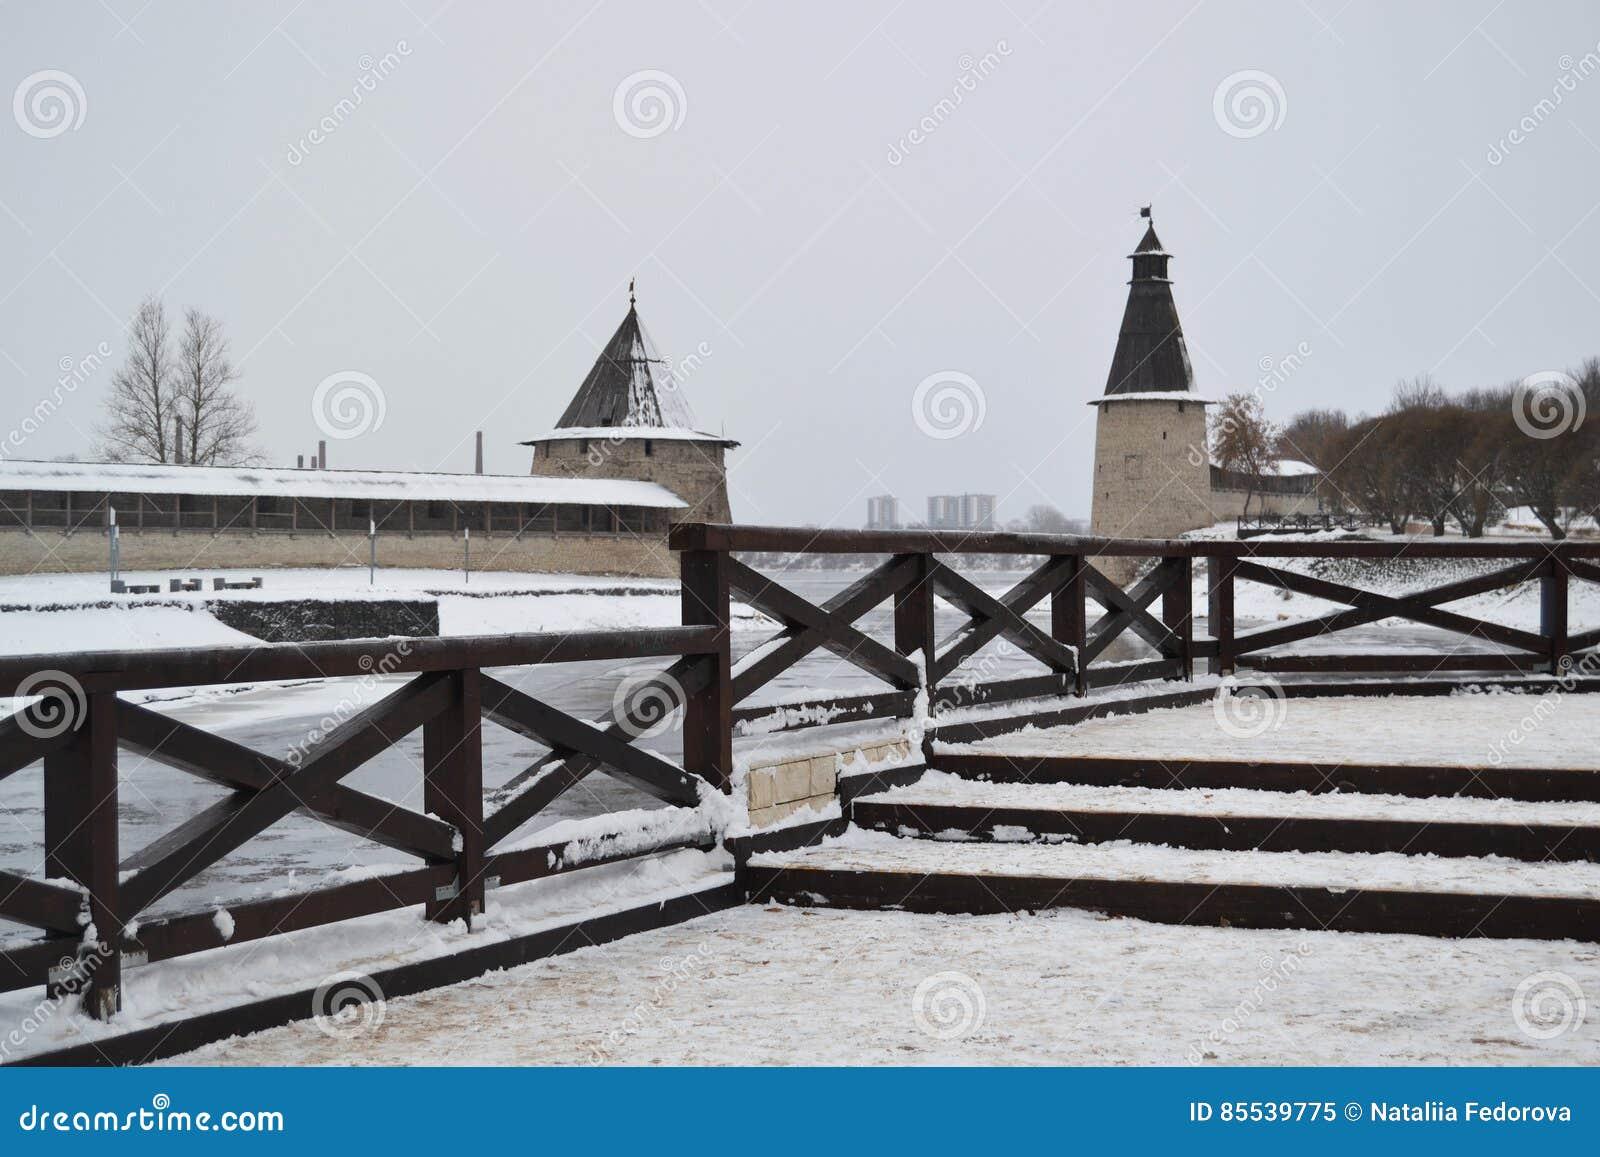 Die Winterlandschaft